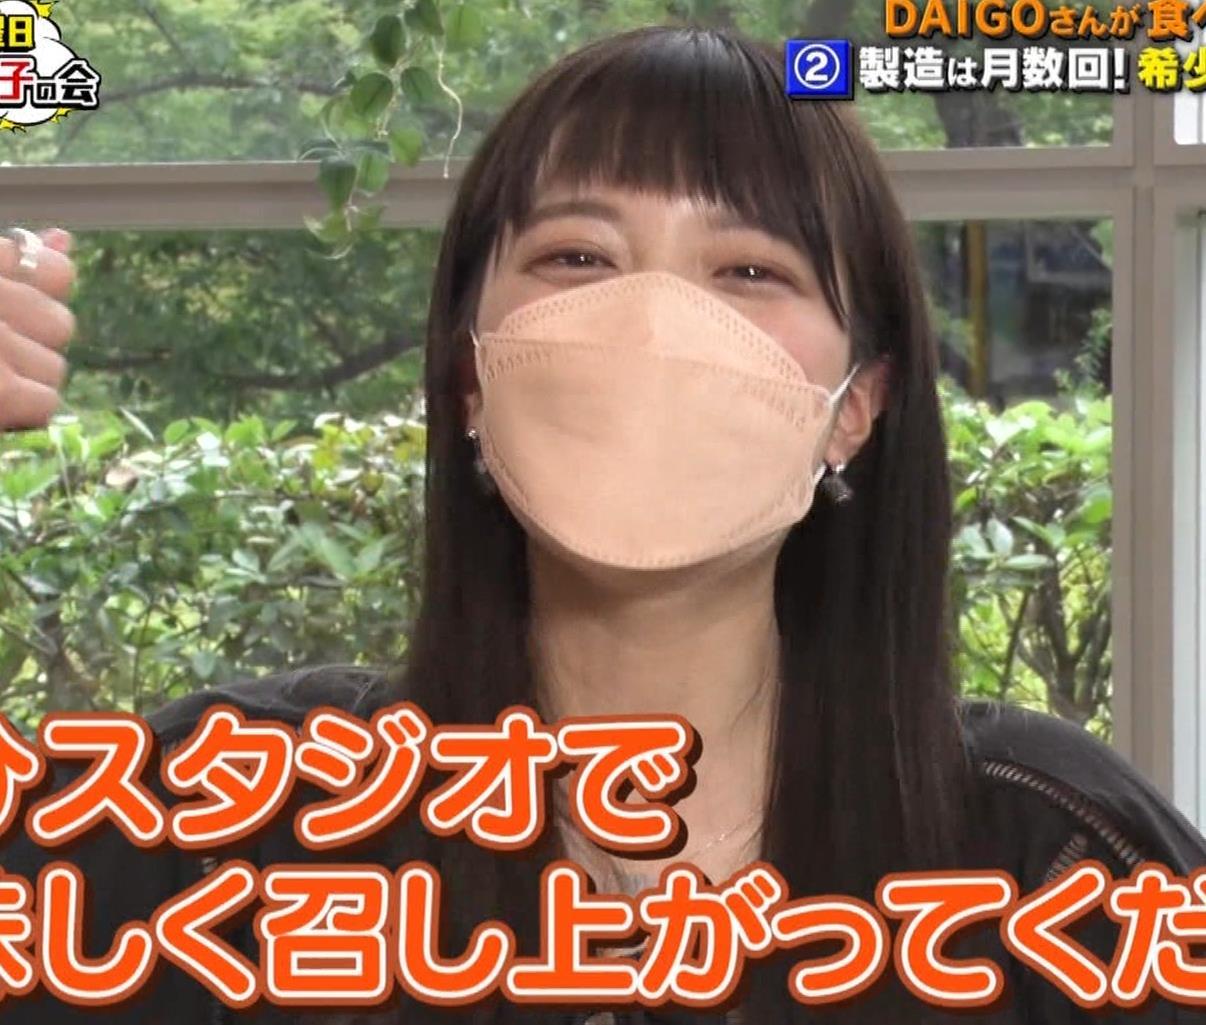 三谷紬アナ チーズケーキを美味しそうに食べるキャプ・エロ画像9